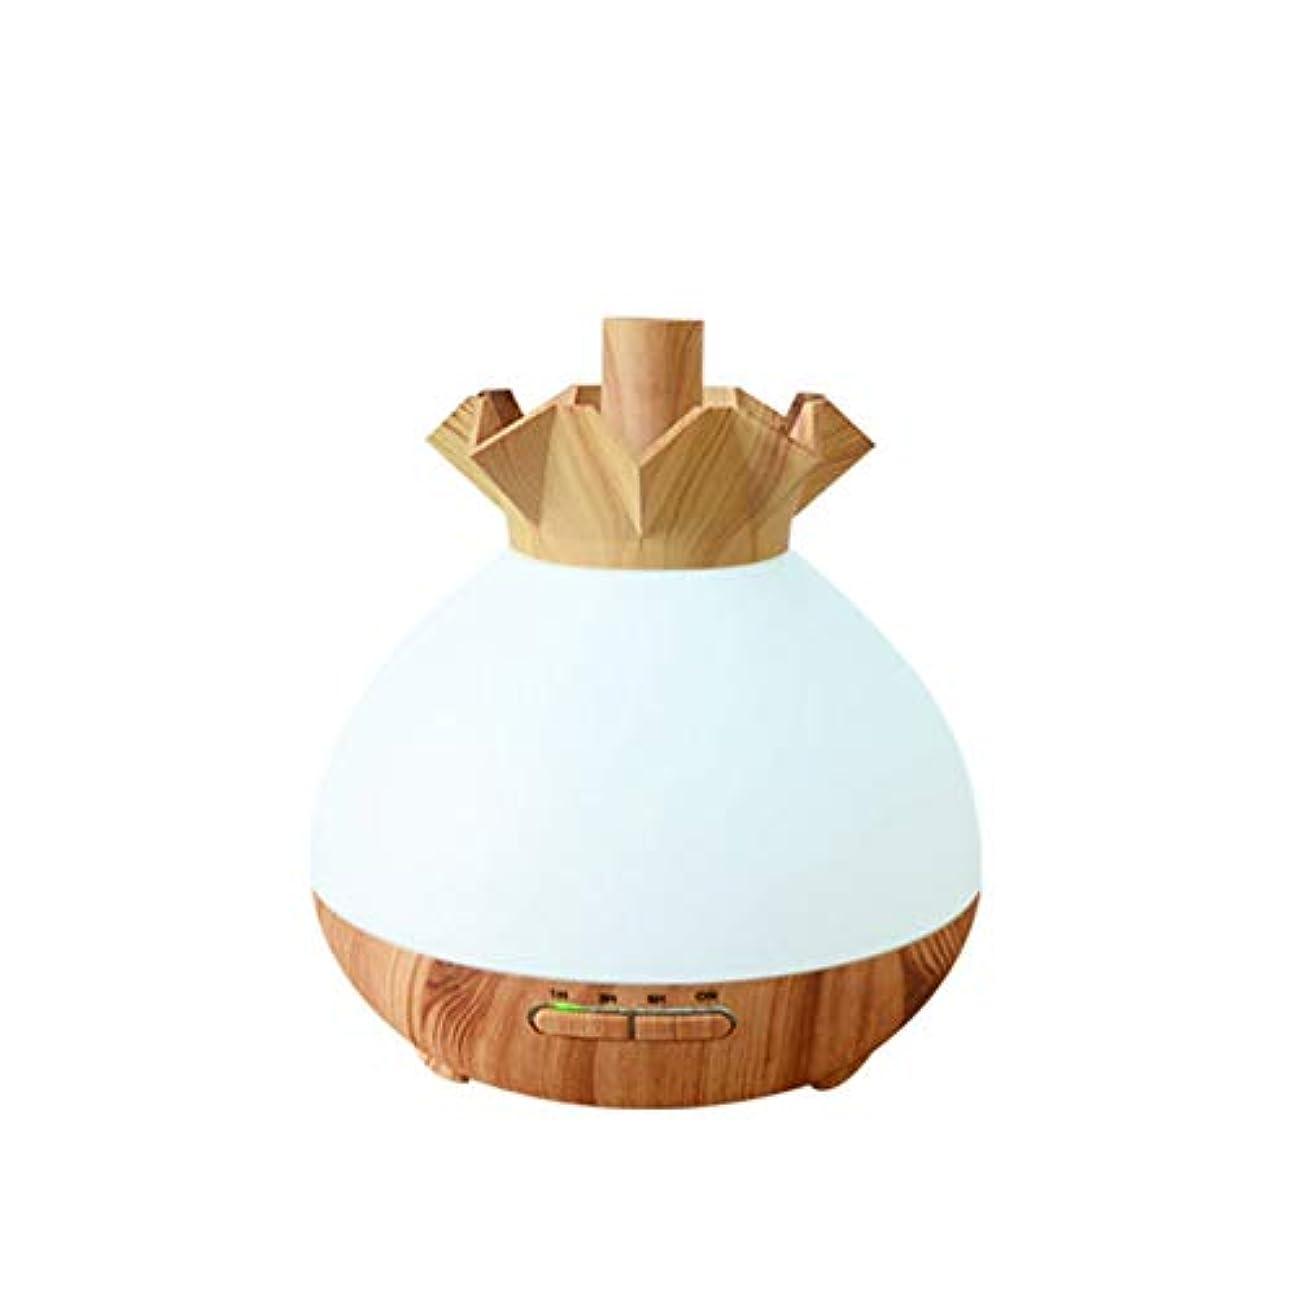 危機露ベーシックWifiアプリコントロール 涼しい霧 加湿器,7 色 木目 空気を浄化 加湿機 プレミアム サイレント 精油 ディフューザー アロマネブライザー ベッド- 400ml